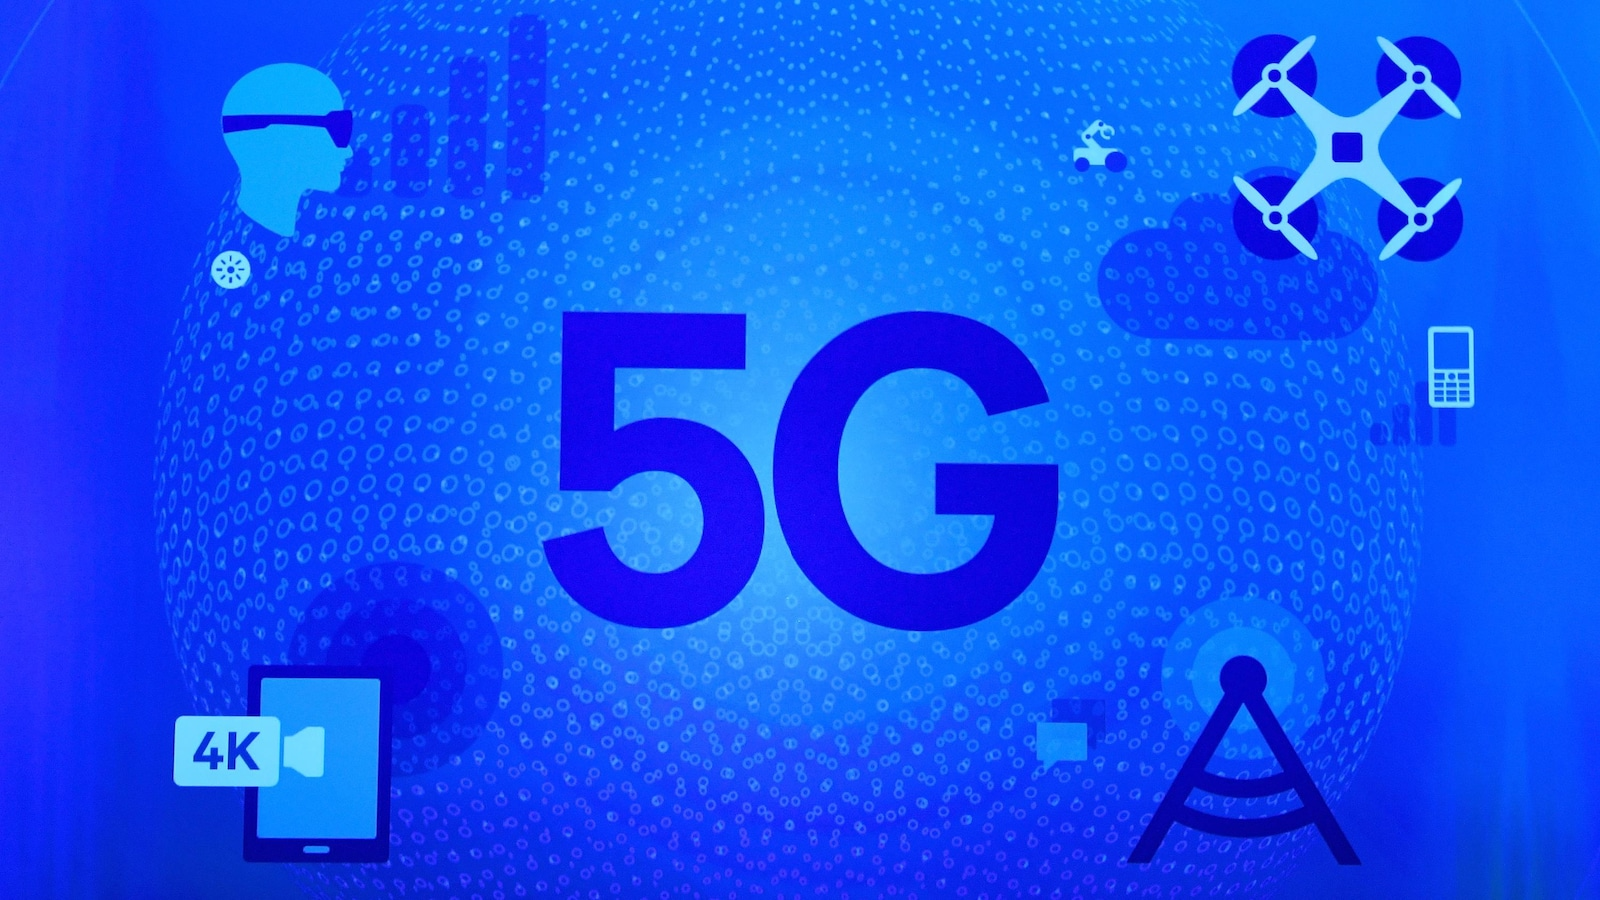 Un pictogramme à l'effigie du 5G : on y voit un individu qui porte des lunettes de réalité virtuelle, un drone, un téléphone dont l'écran affiche une résolution 4K et une tour de téléphonie cellulaire.